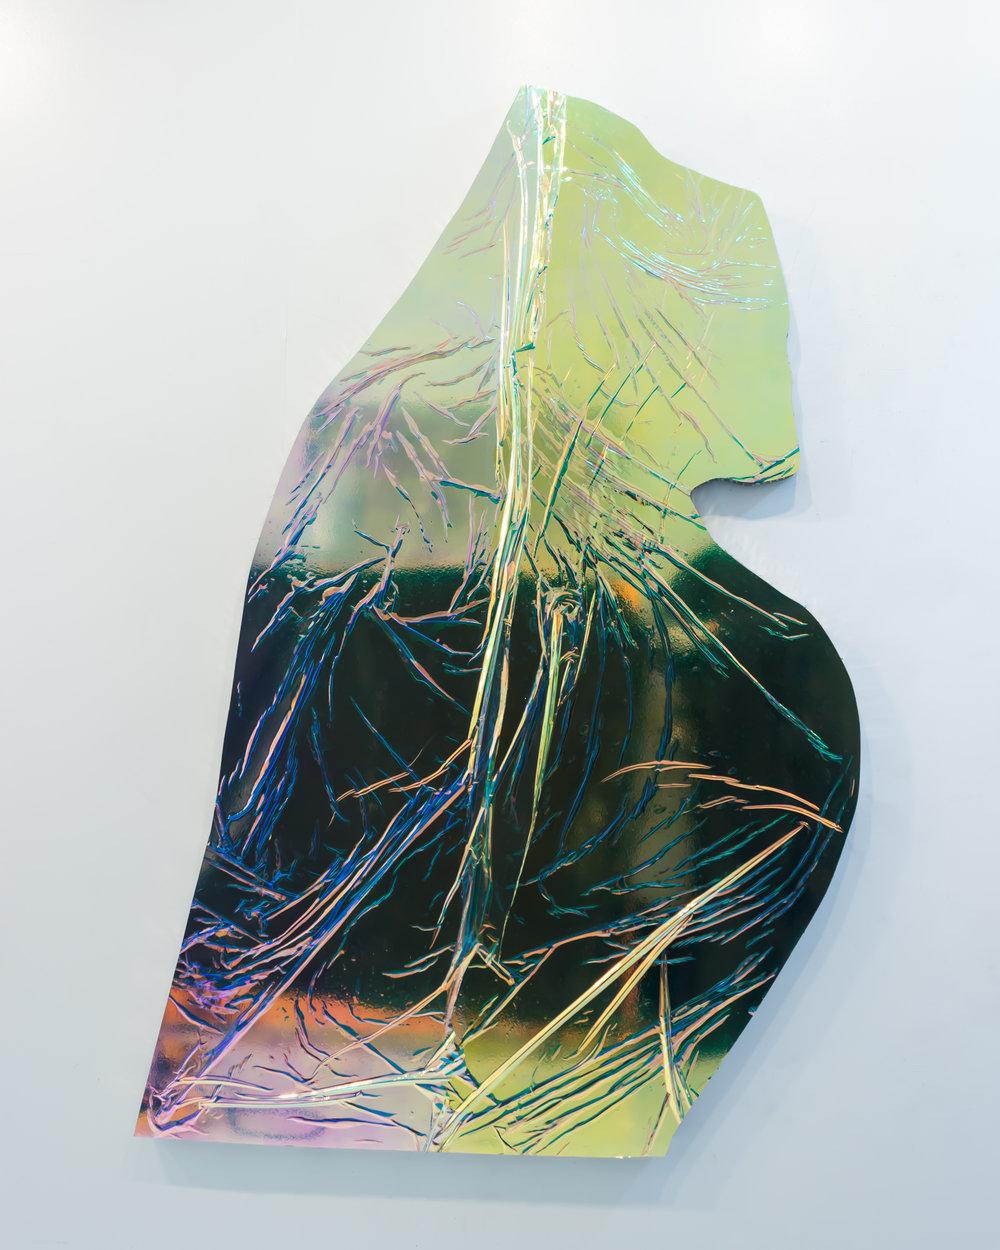 Carol Peligian REM I, 2017 aluminum, paint, film, pigment and urethane 70 x 41 x 2 inches ( 177.8 x 104.1 x 5 cm )